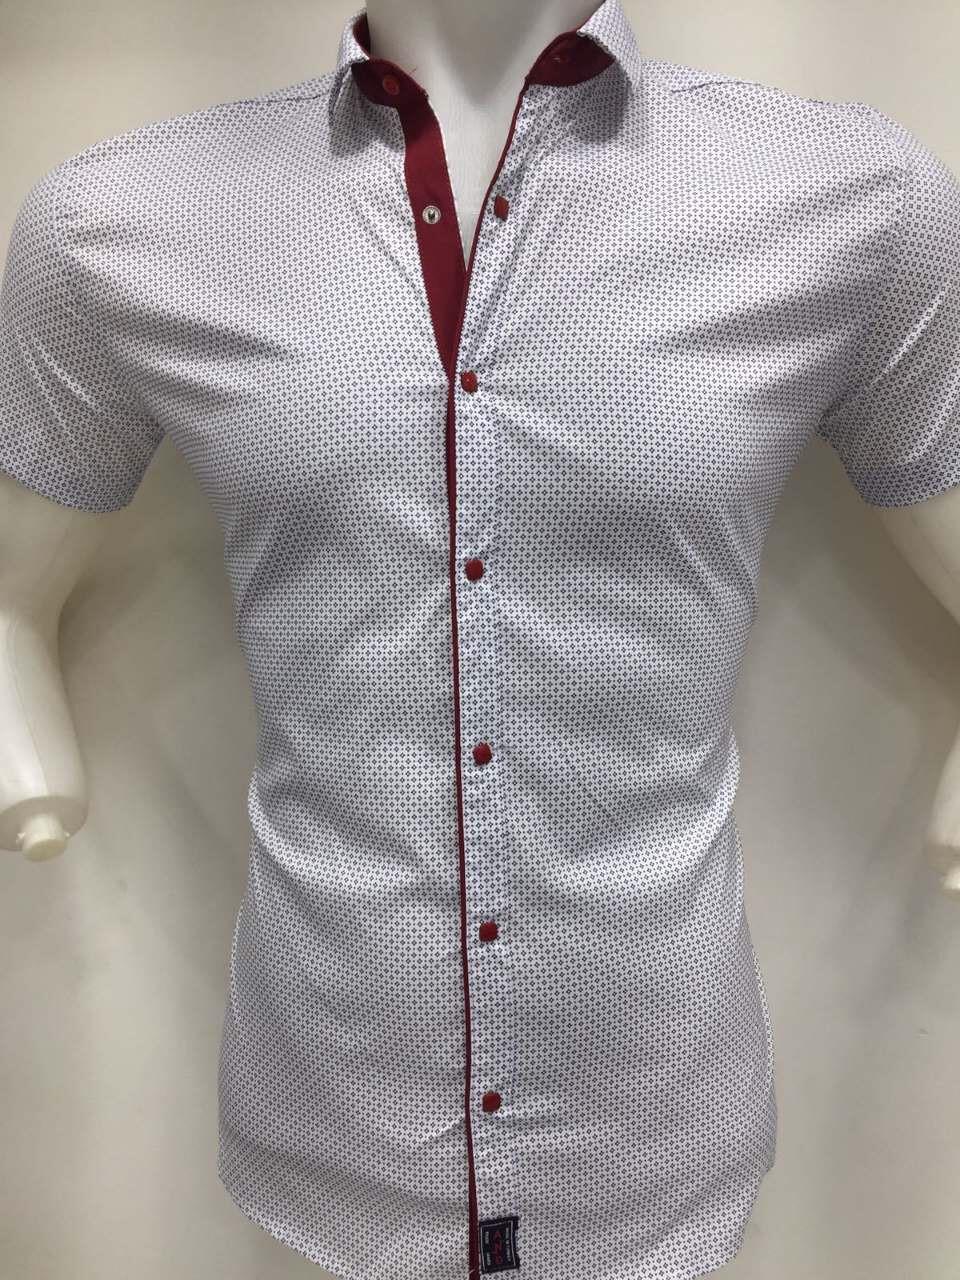 Біла сорочка короткий рукав AND з принтом